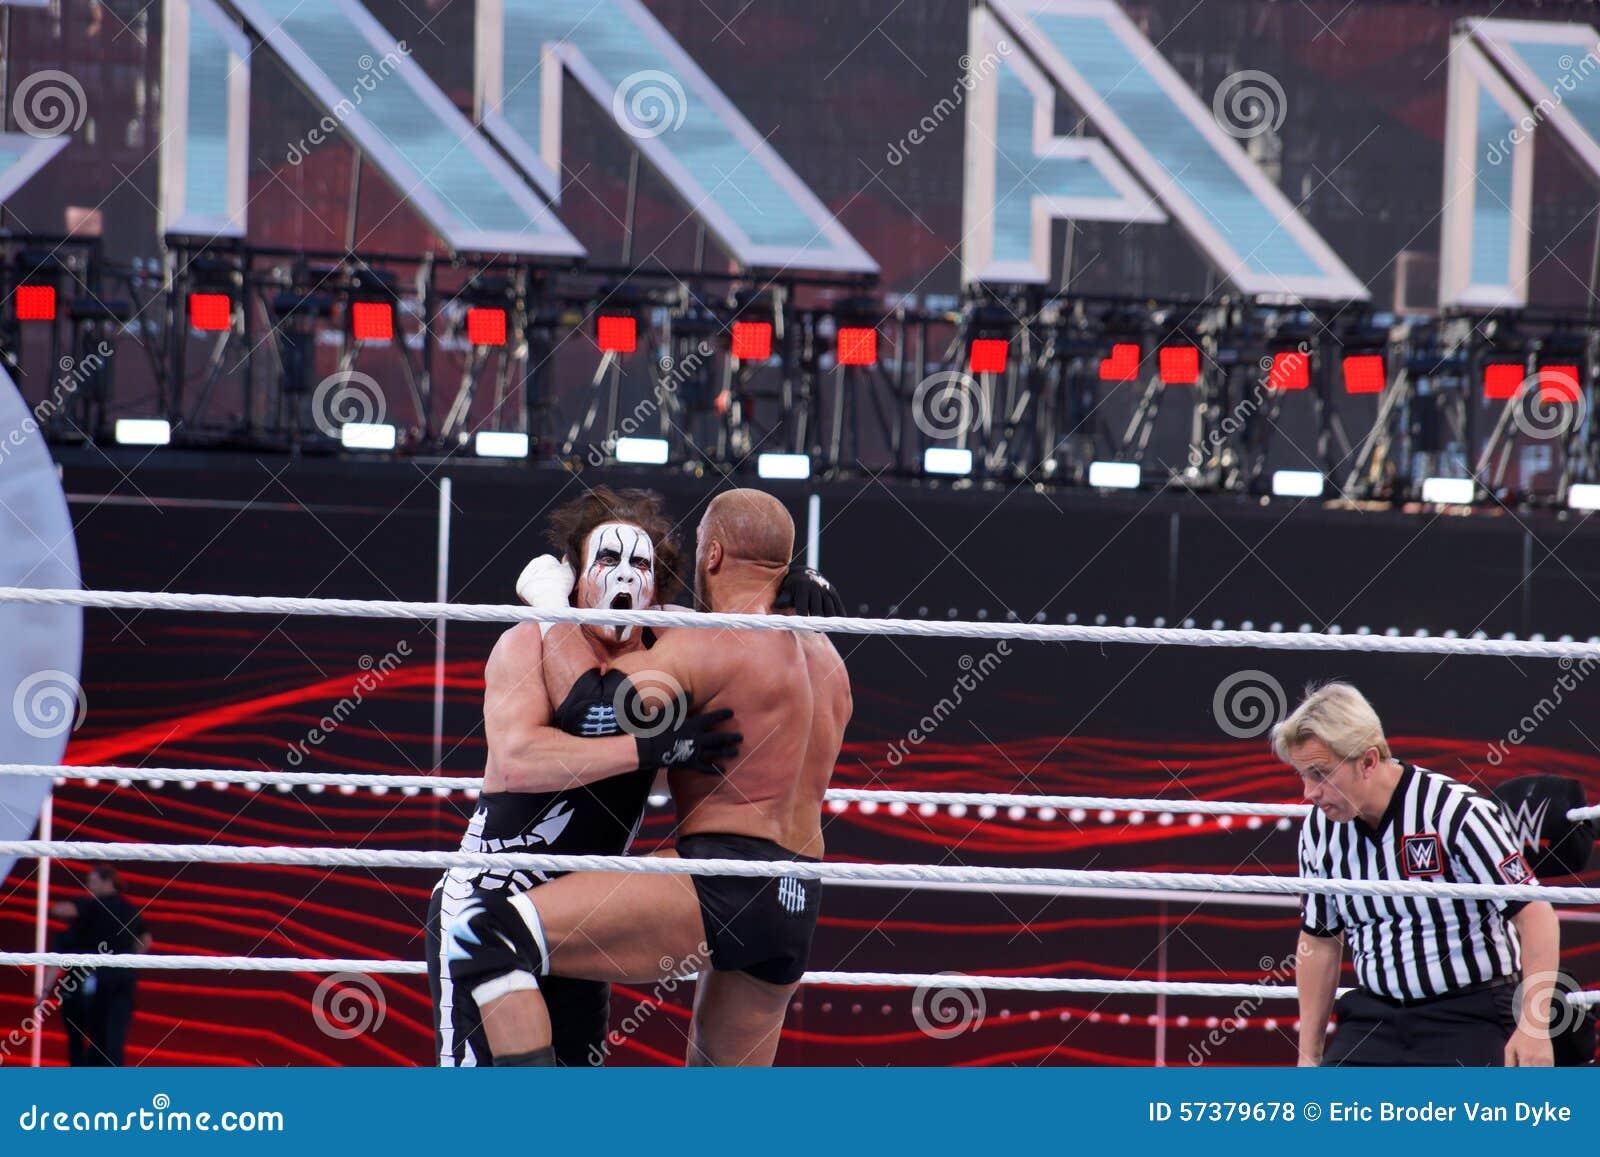 Drievoudige h-knieën Sting aangezien zij lock-up in ring tijdens gelijke